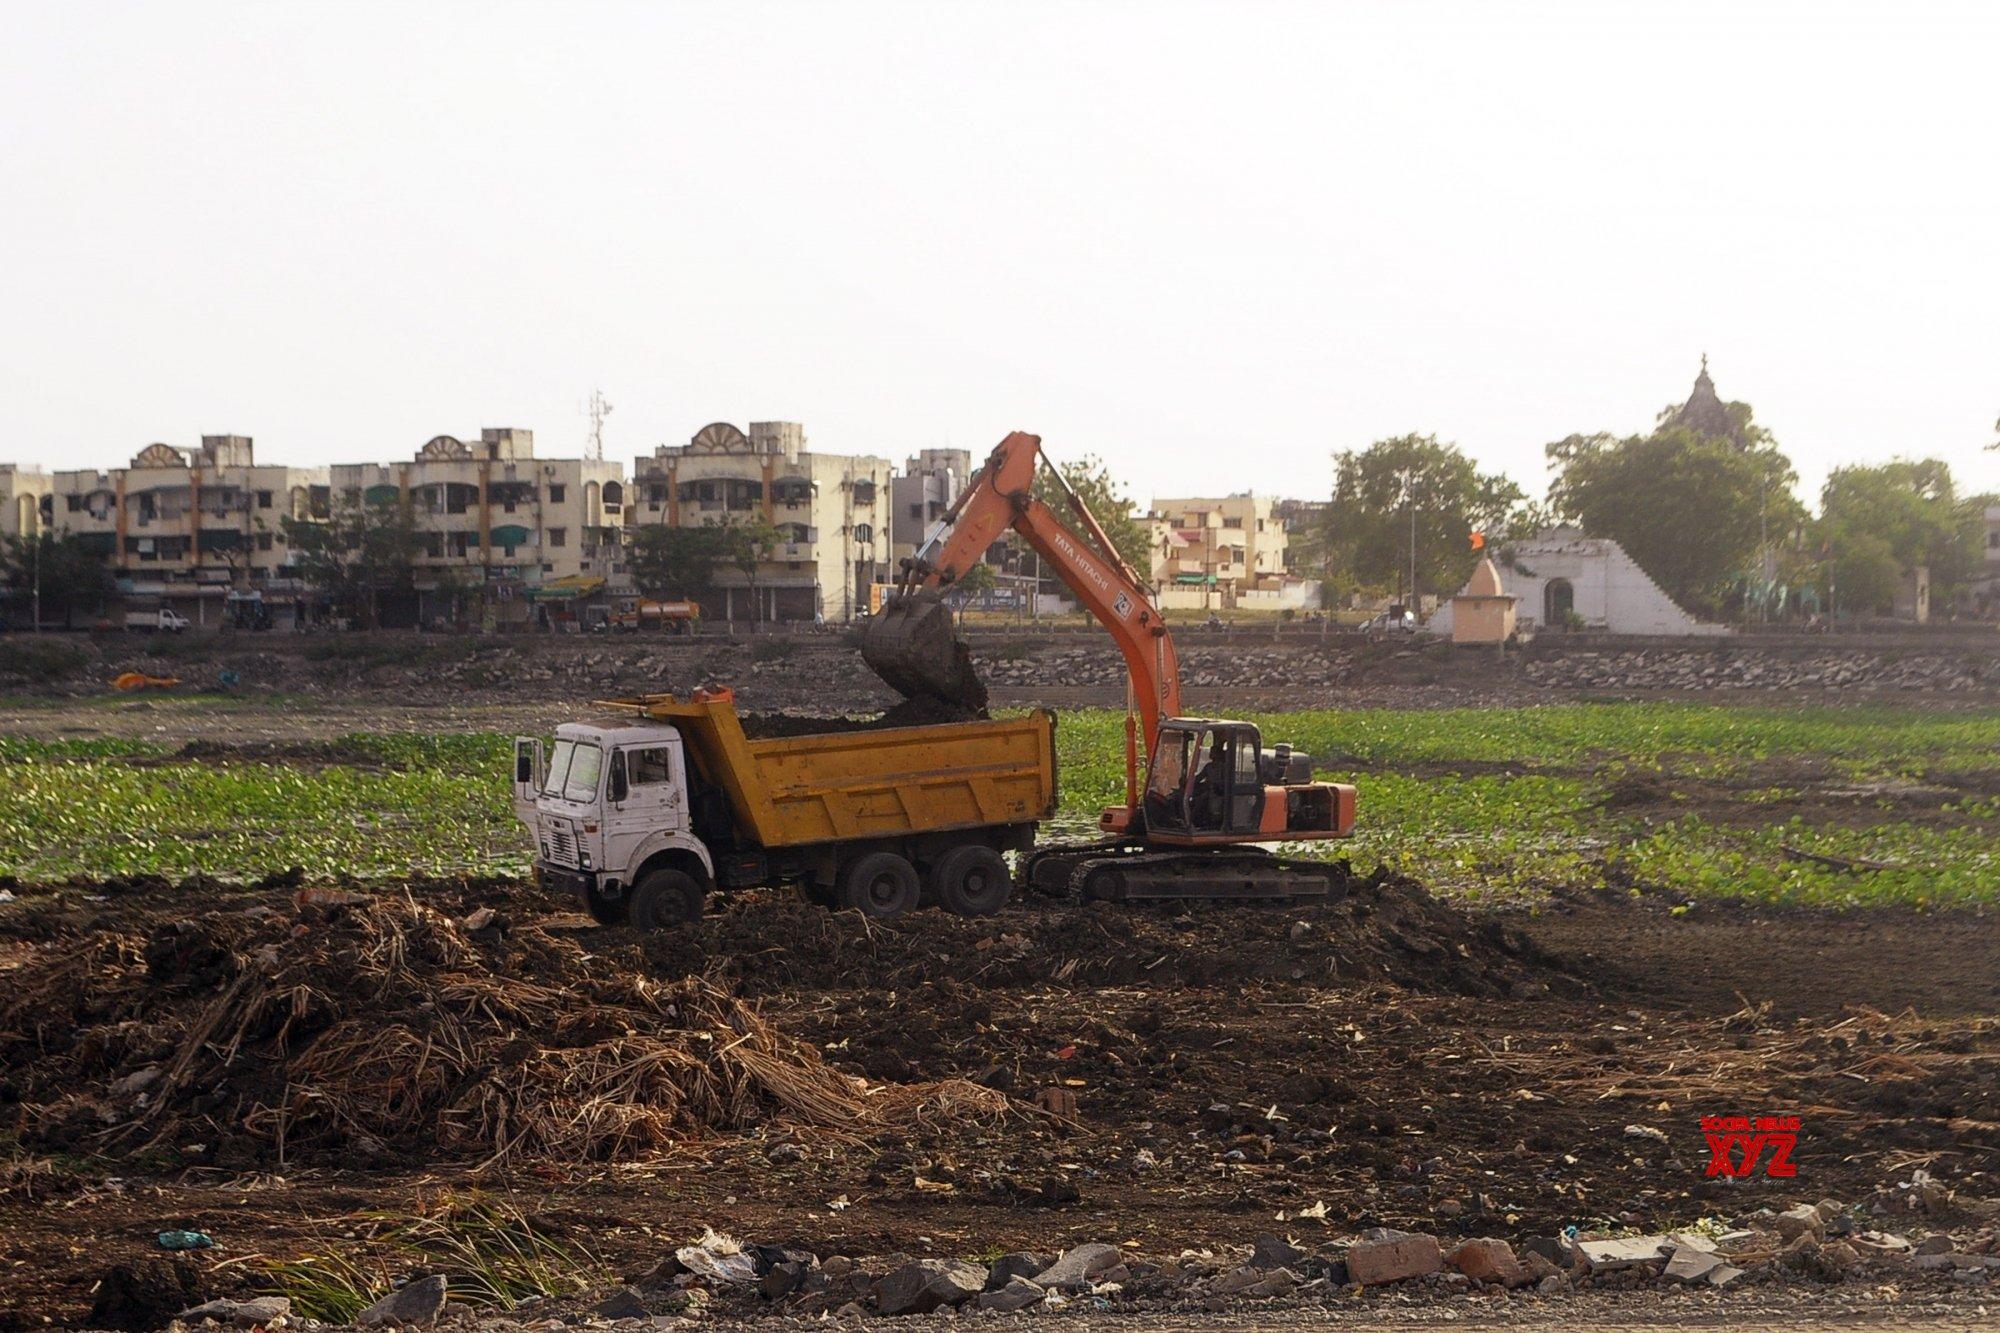 Nagpur: Sakkardara Lake goes dry amid rising temperatures #Gallery